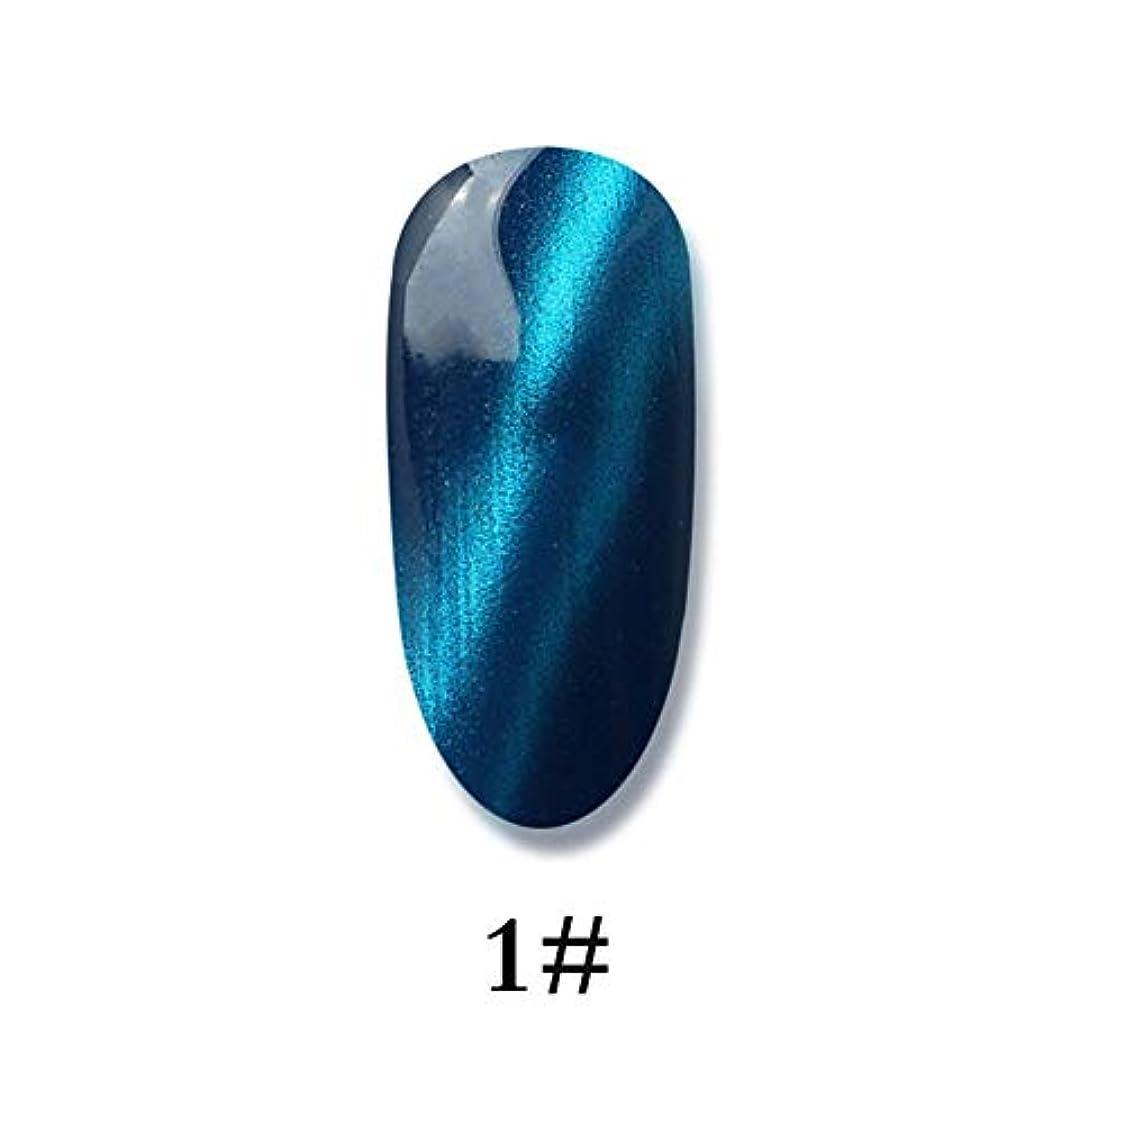 橋脚劣るスノーケルネイルポリッシュ - ネイル光線療法用ゲル 3Dキャットアイジェルメイクアップネイルポリッシュグルー